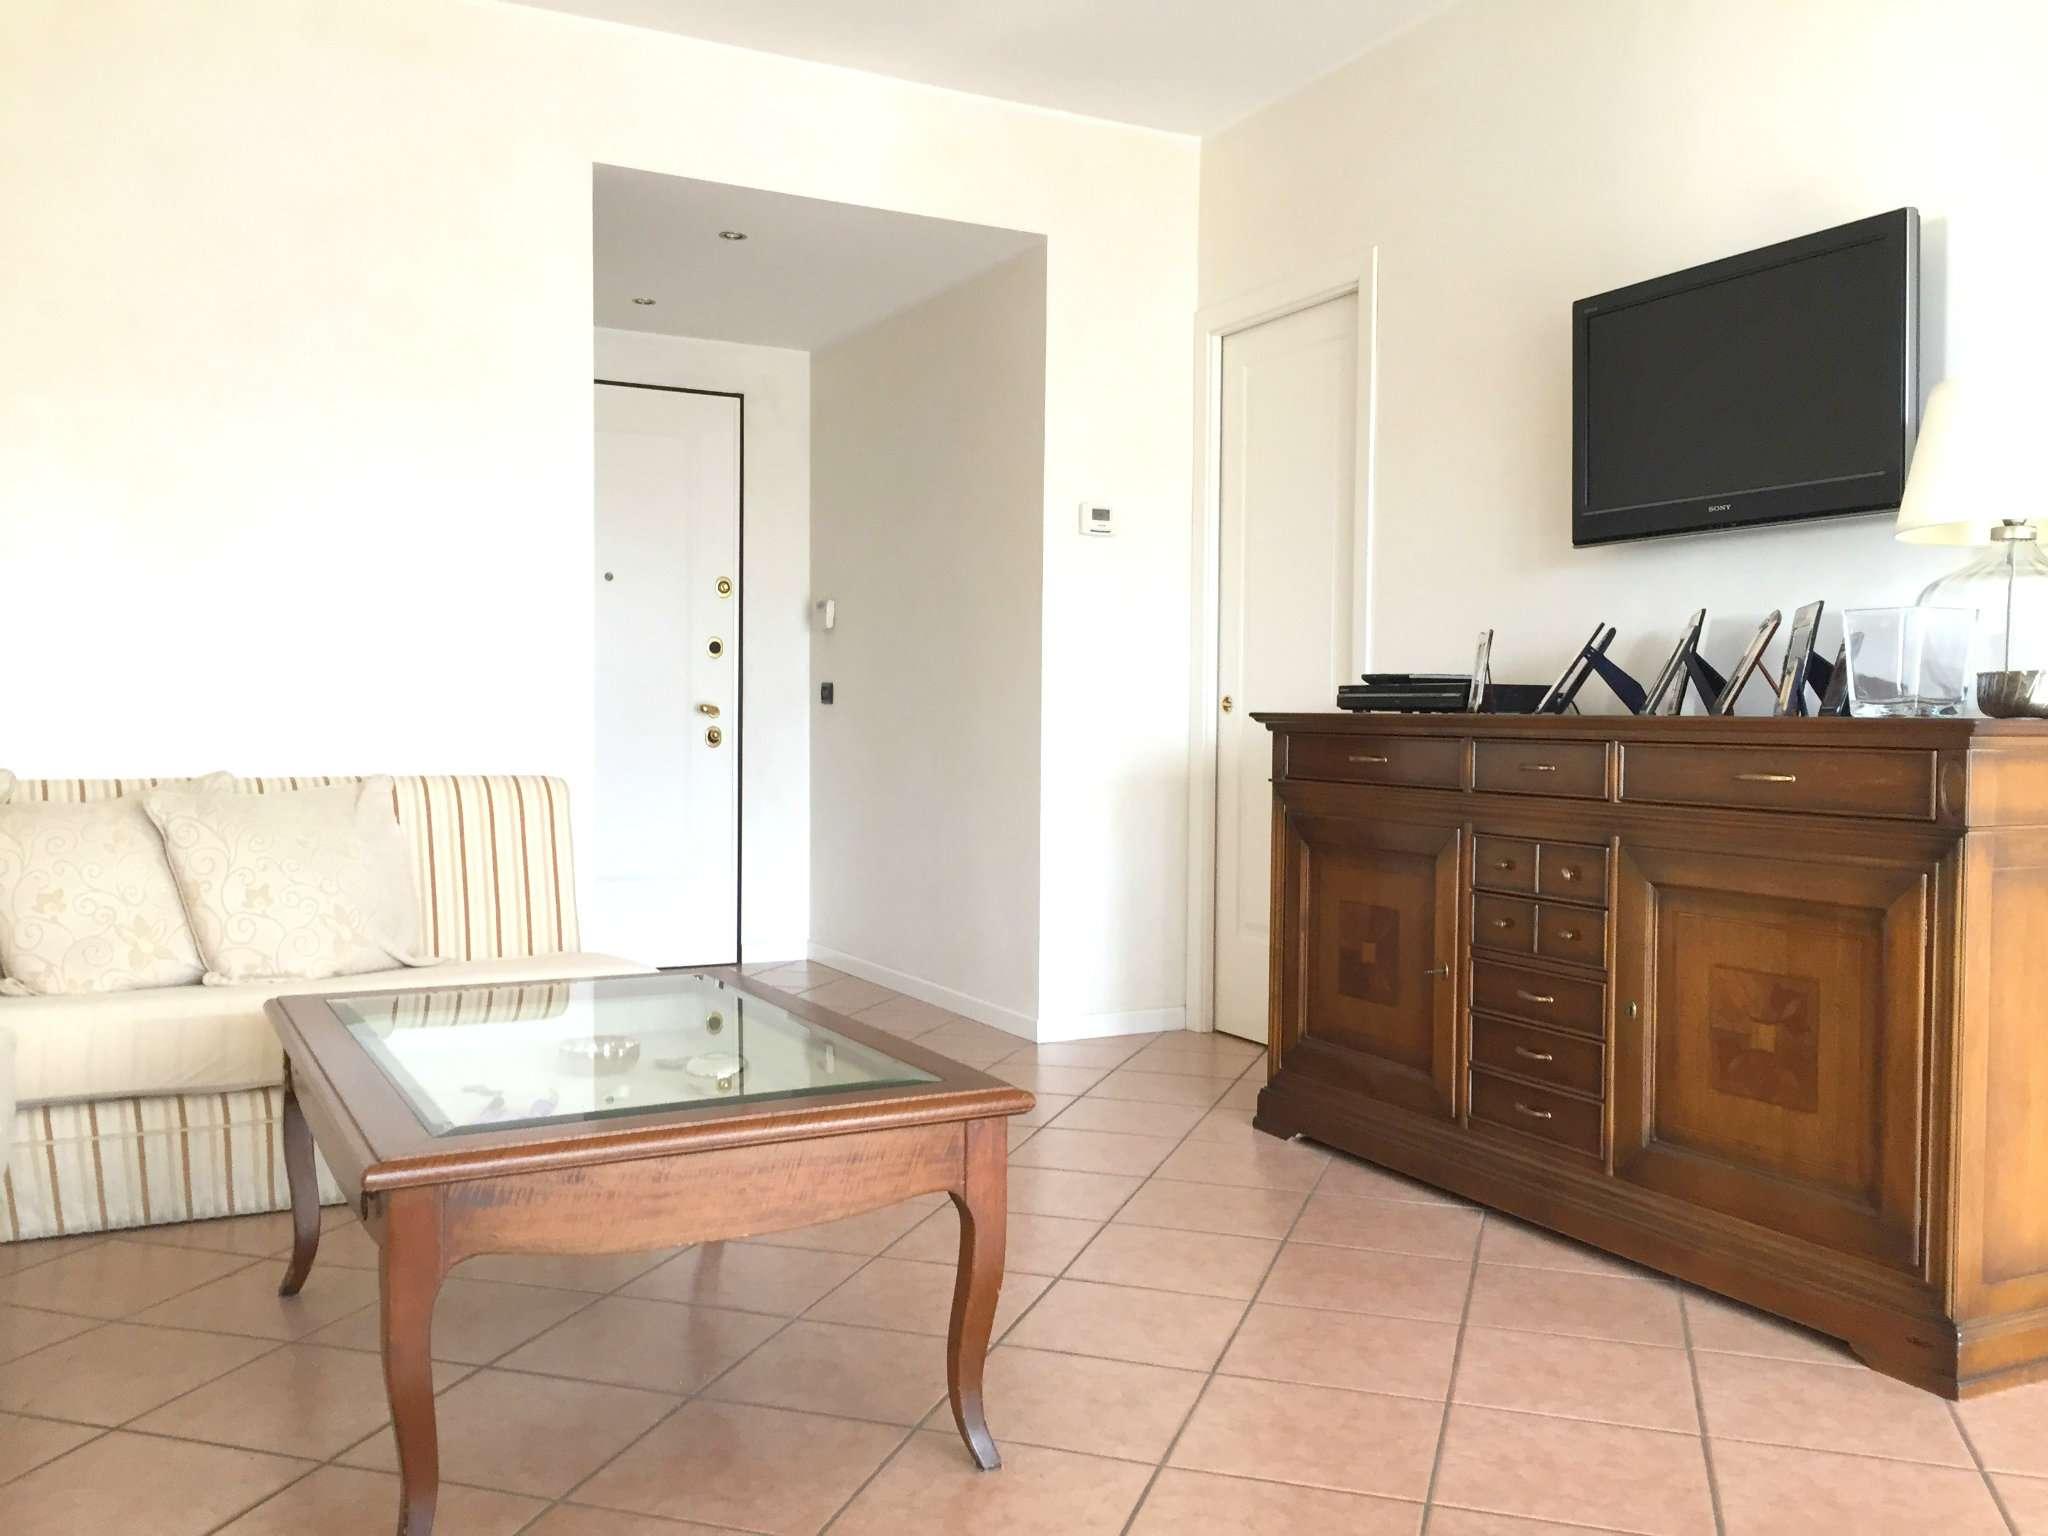 Appartamento in vendita a Agrate Brianza, 3 locali, prezzo € 220.000 | CambioCasa.it